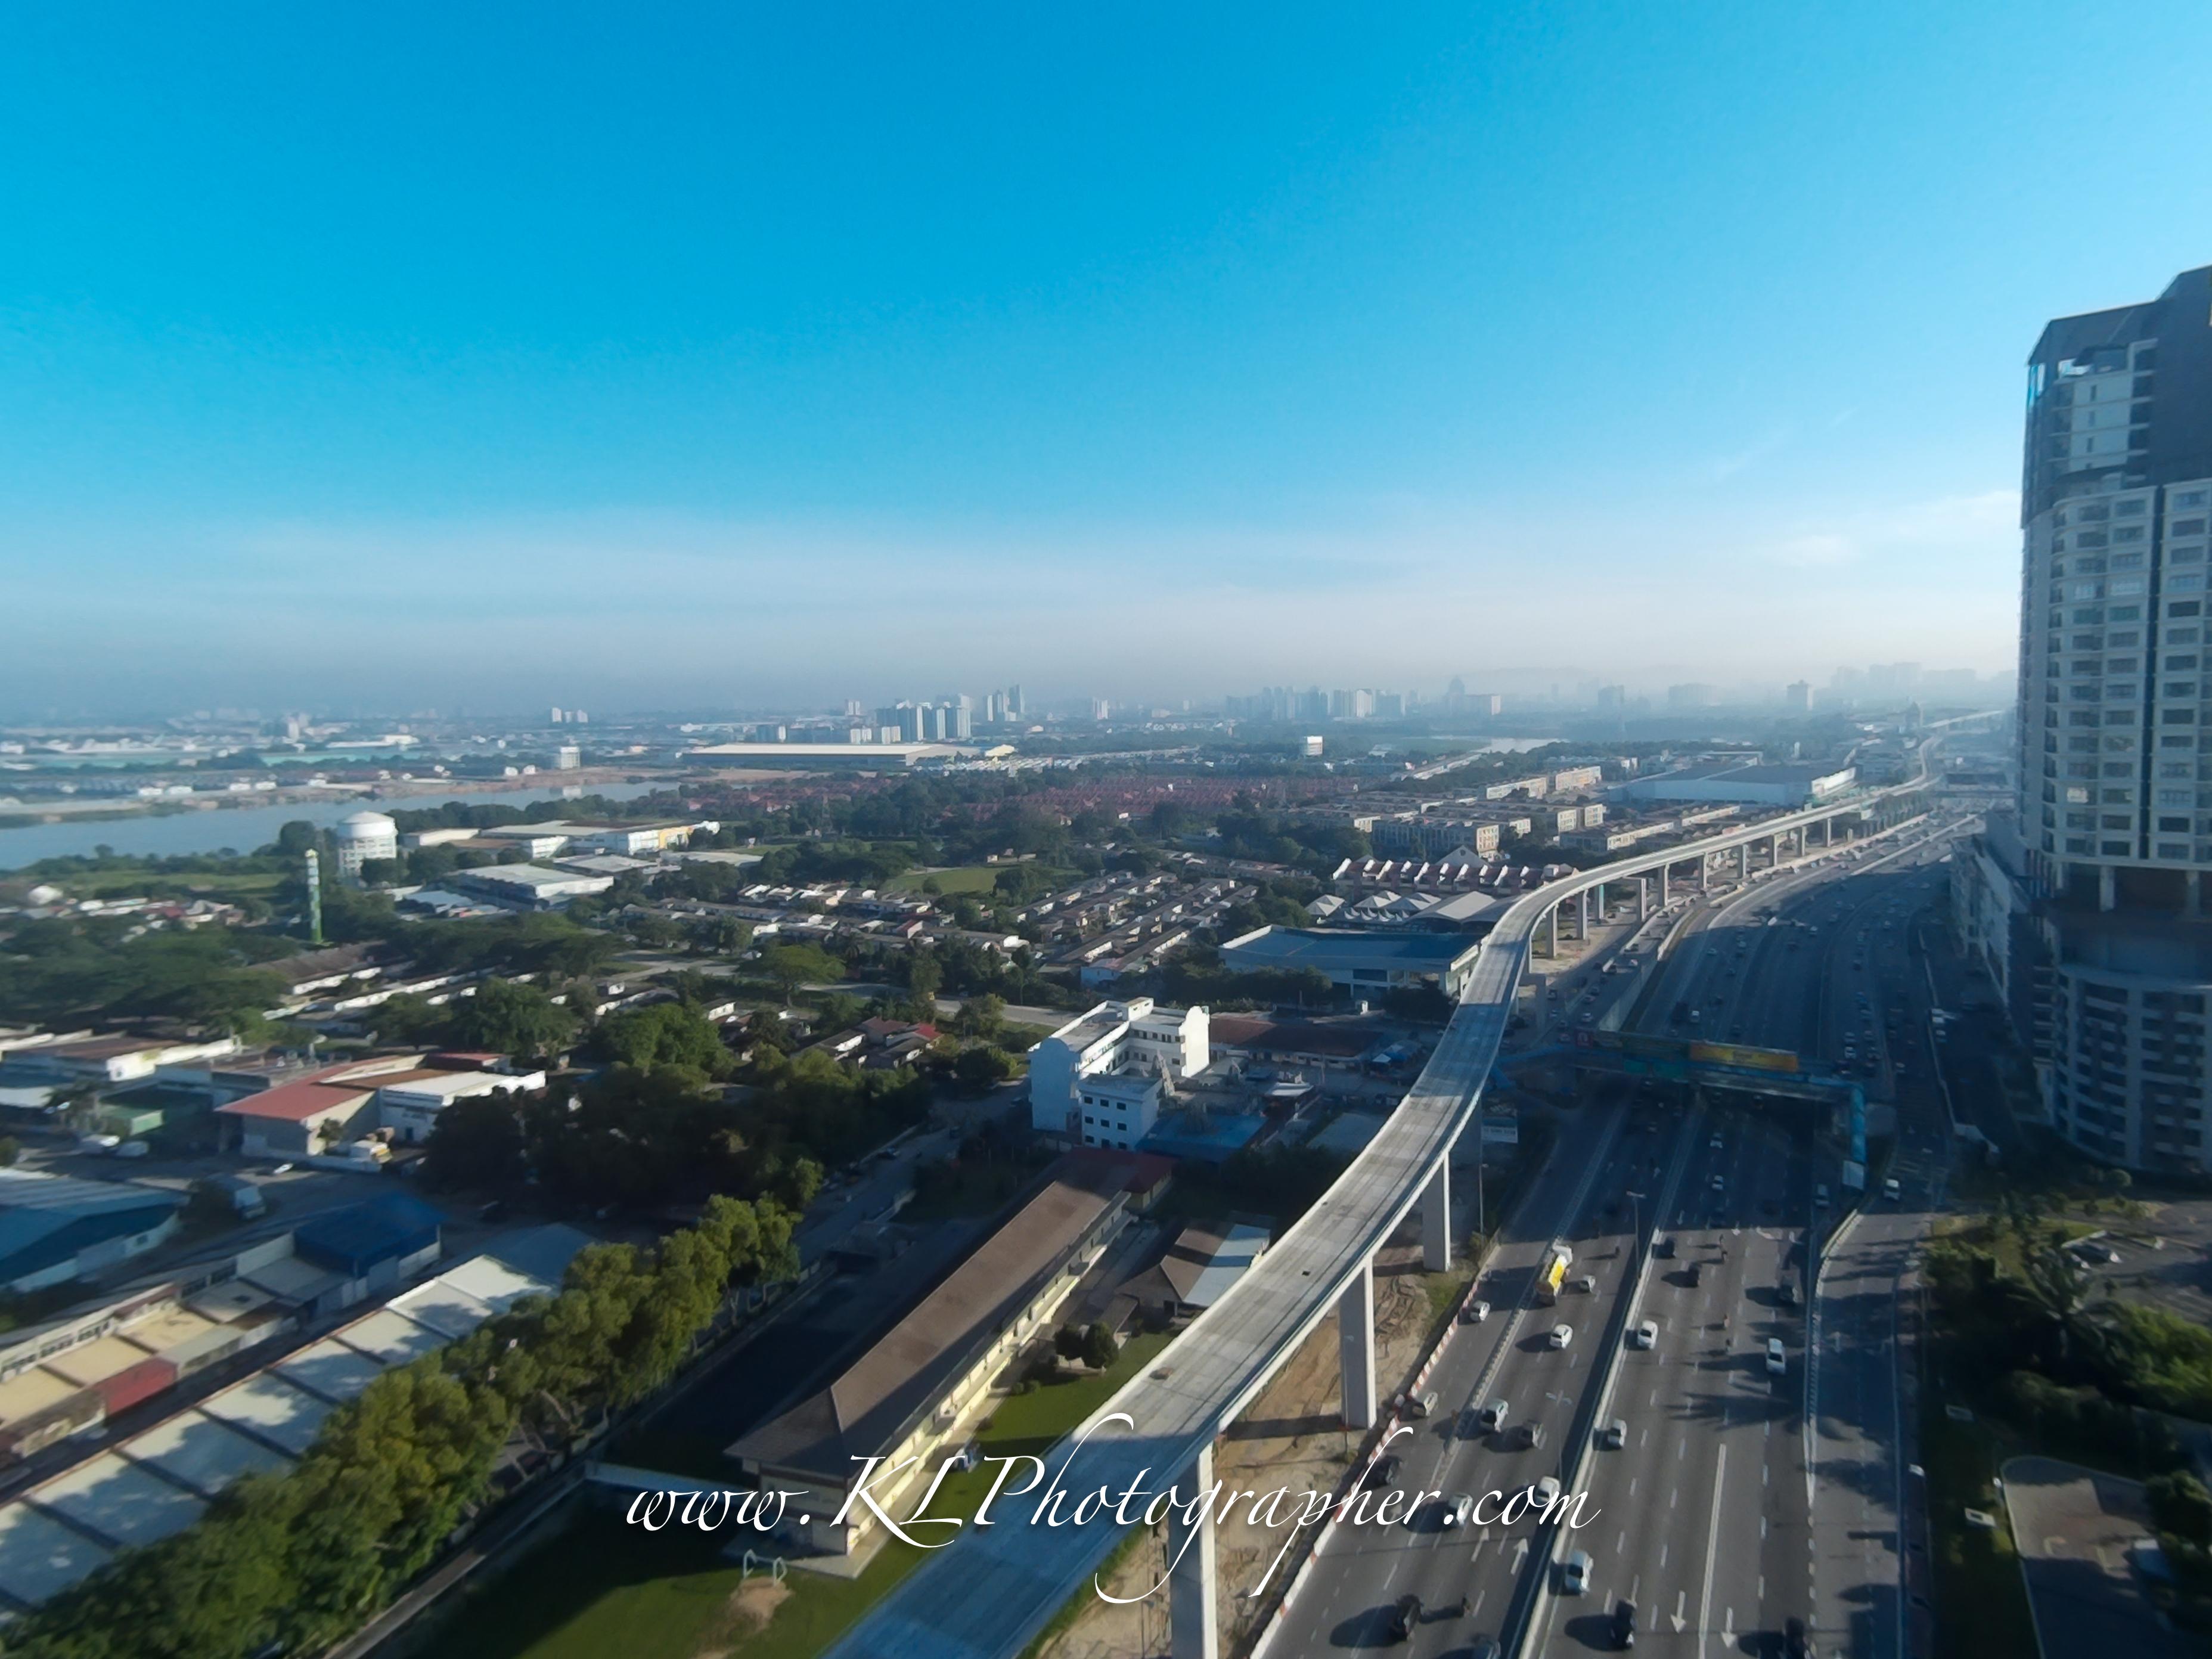 Aerial Photo Malaysia - Puchong